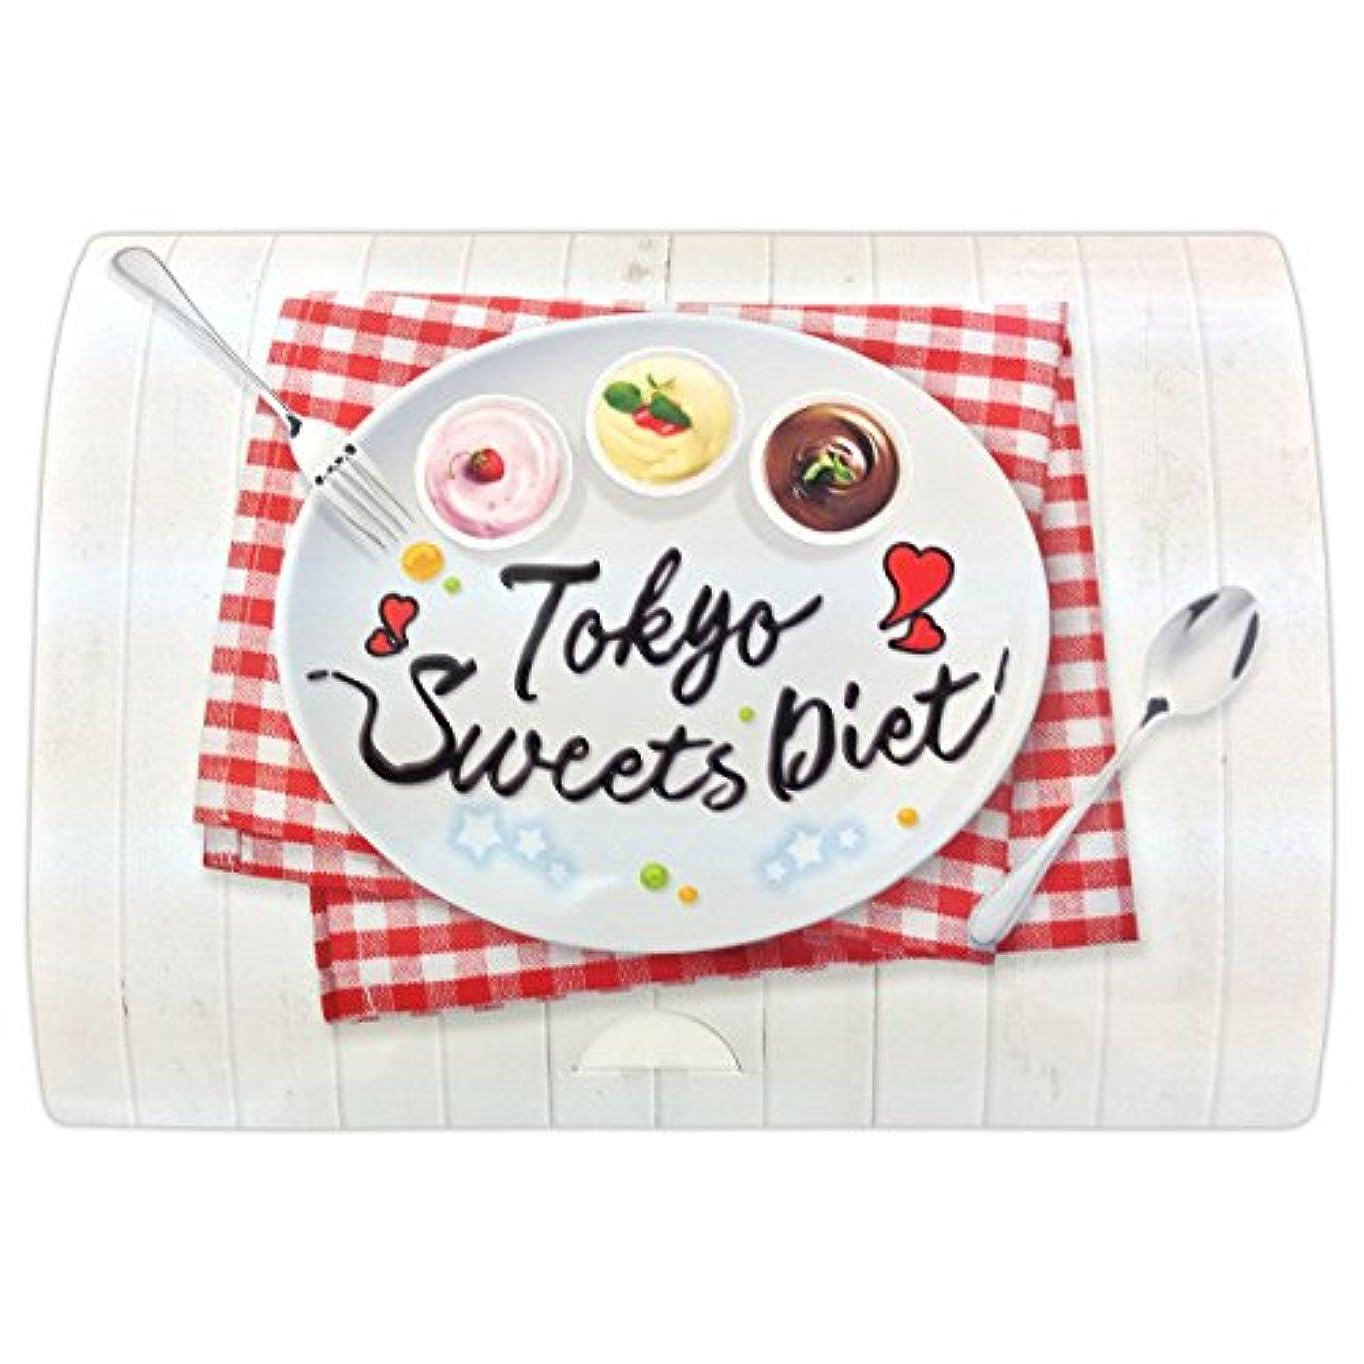 答え違反する苦痛IDEA TOKYOスイーツダイエット 置き換えダイエットスイーツ 15食(1包:15g) ストロベリー味 チョコレート味 プリン味